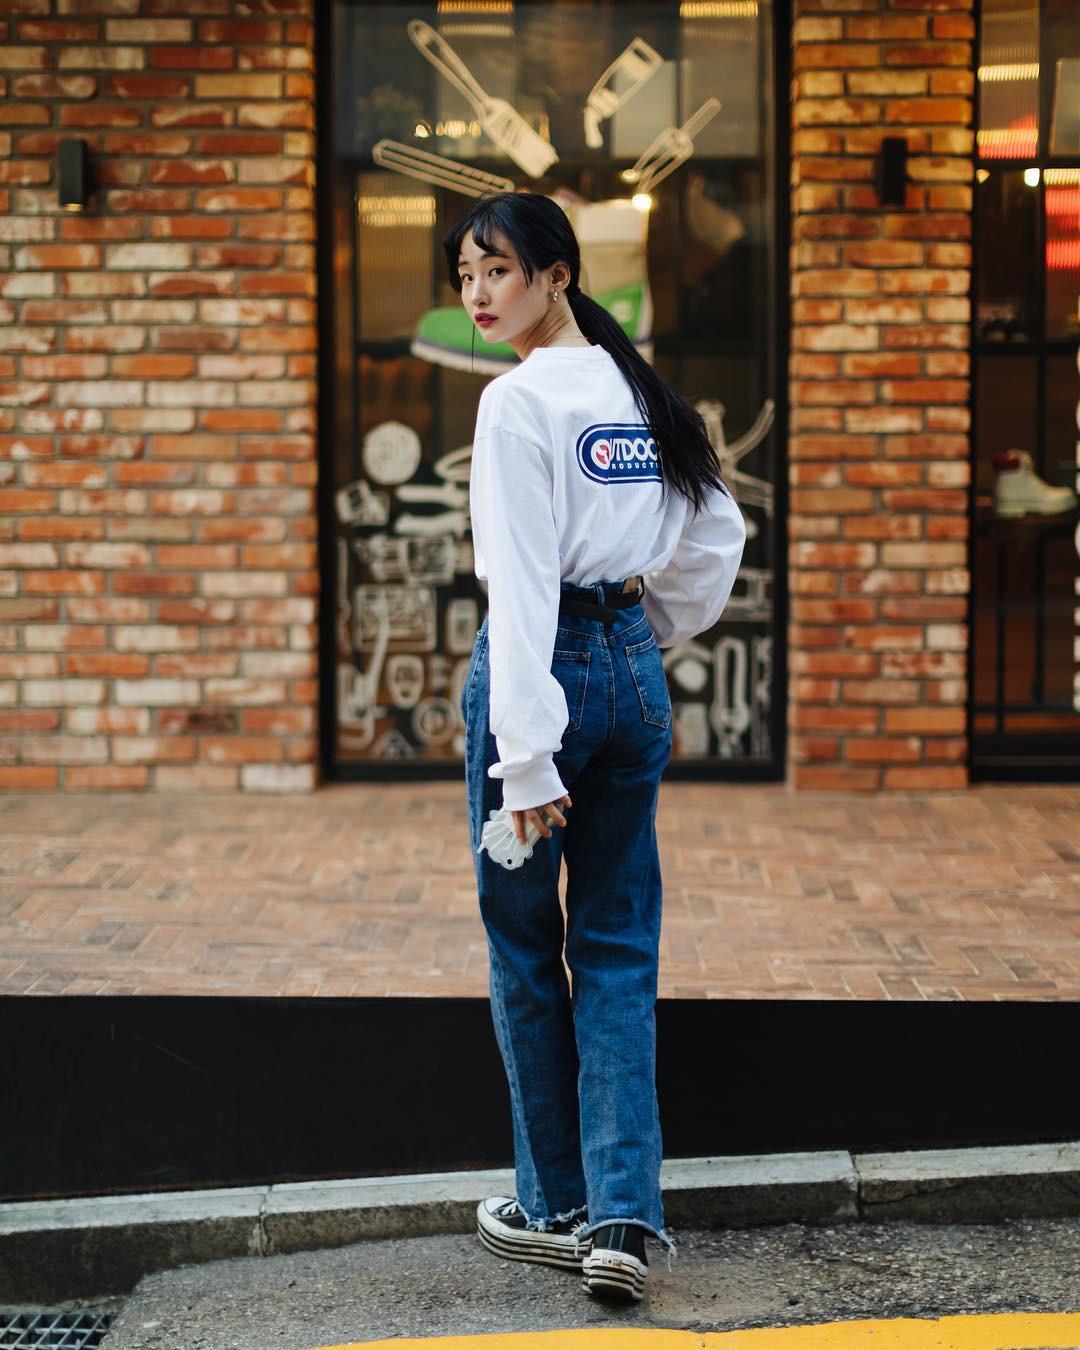 Street style không áo dạ, áo phao của giới trẻ Hàn tuần qua chính là gợi ý mix đồ tuyệt vời cho mùa đông không lạnh tại Hà Nội lúc này - Ảnh 3.